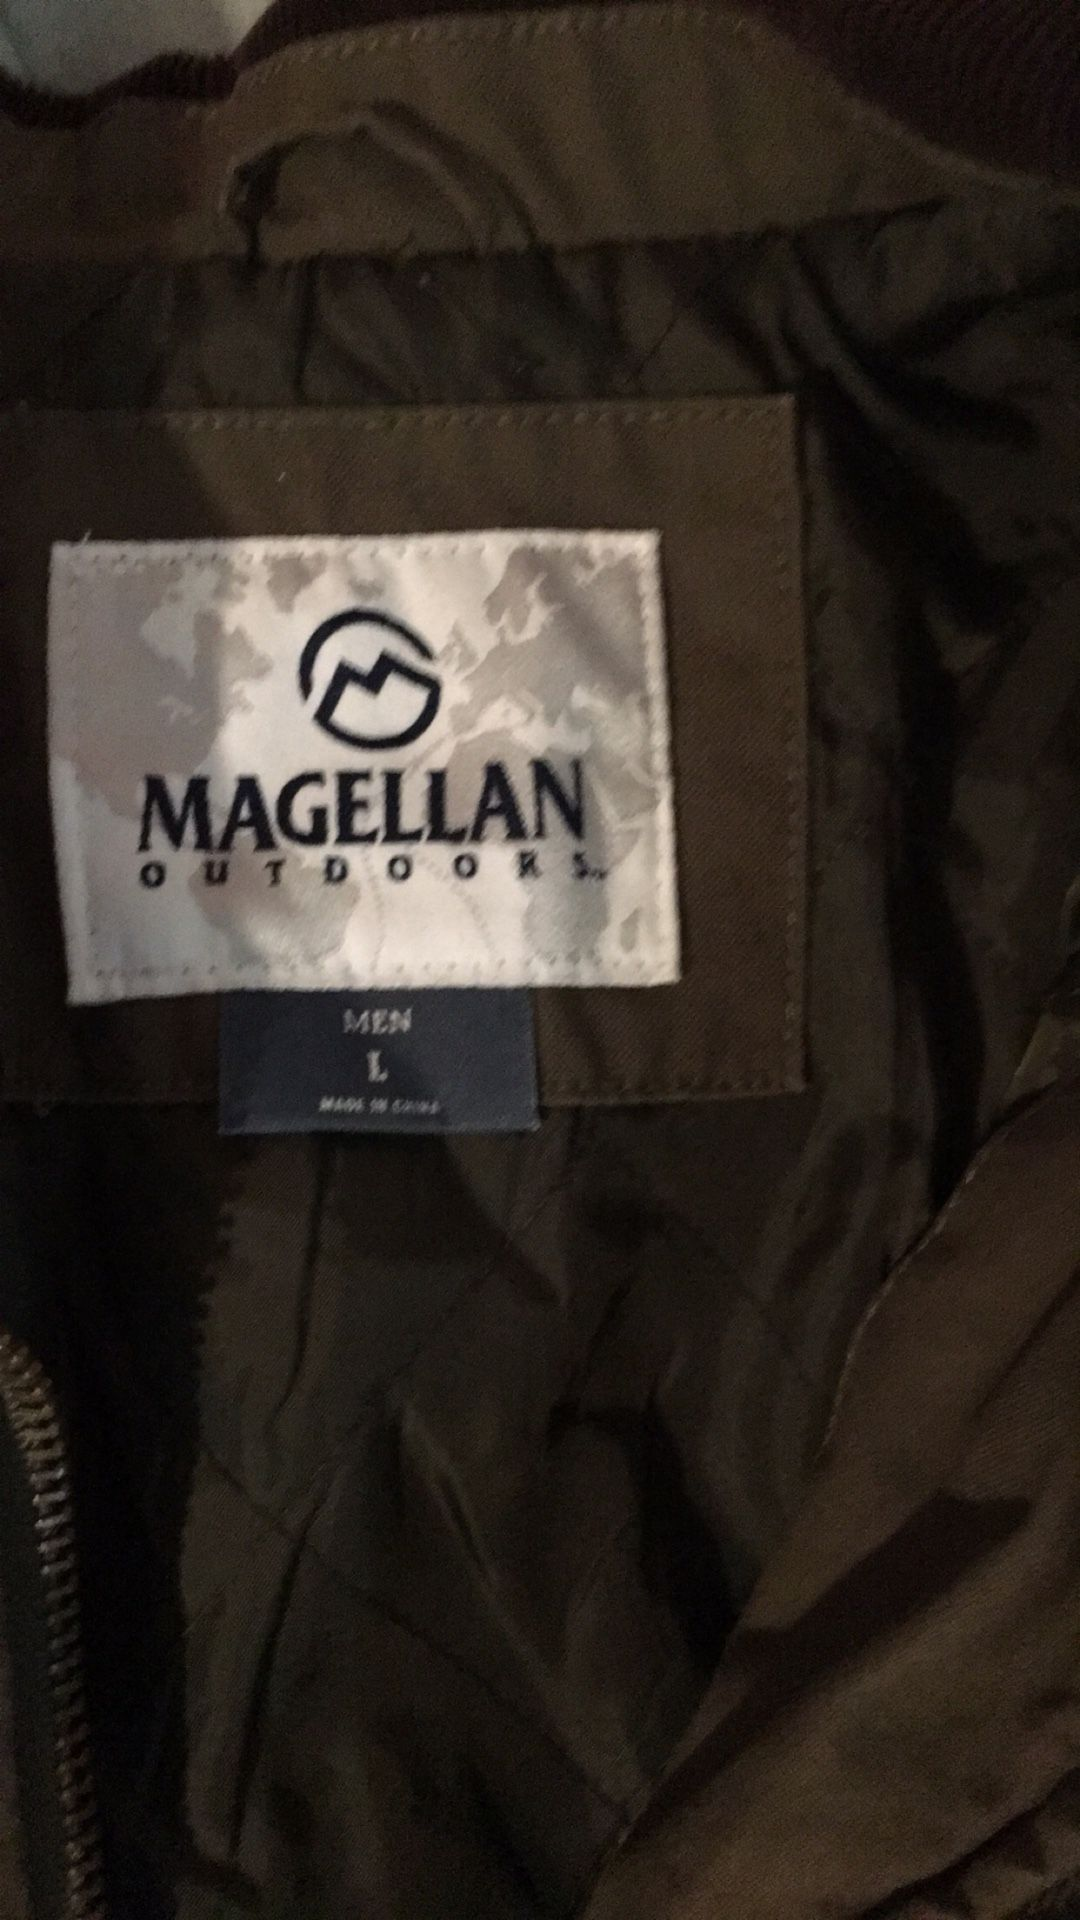 Magellan coat